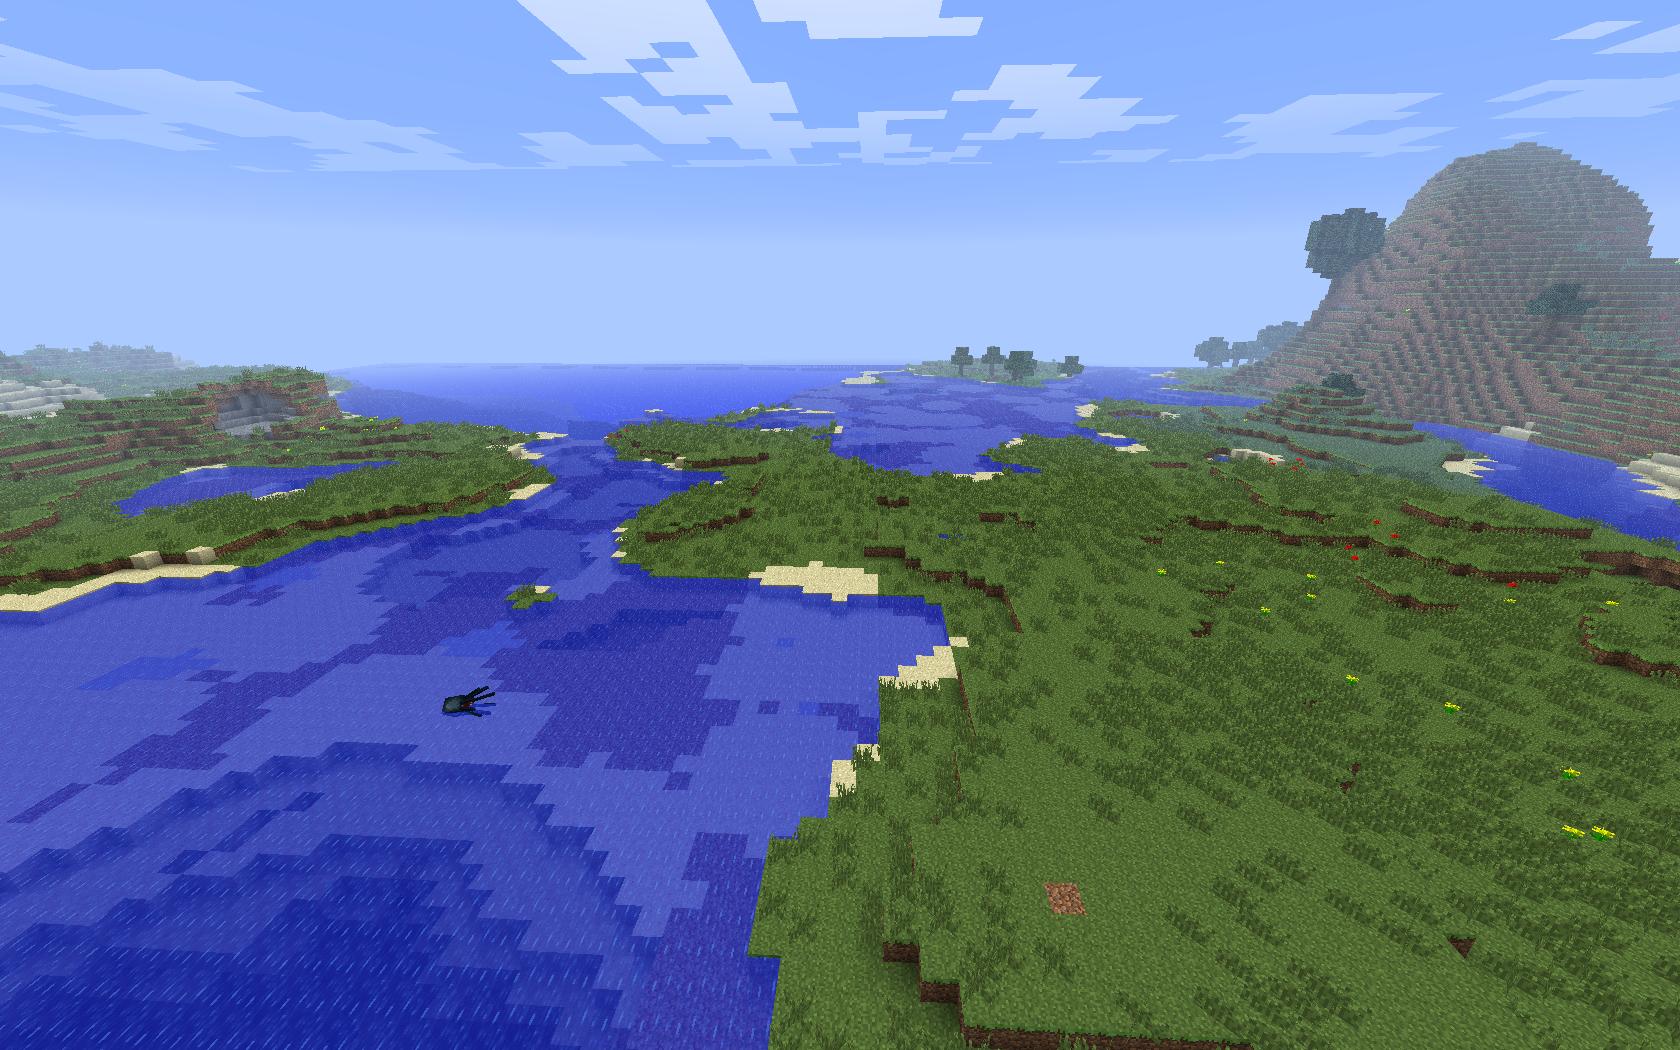 Water | Minecraft Wiki | FANDOM powered by Wikia